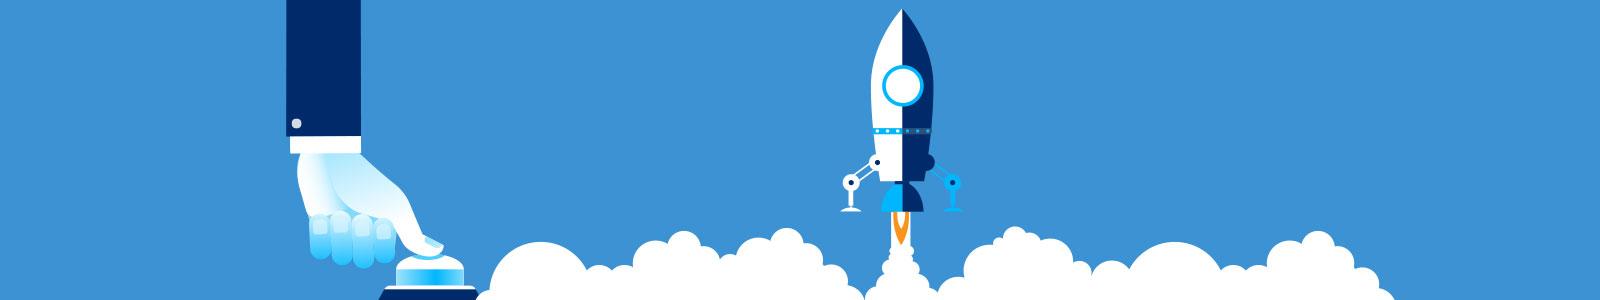 Strategien und Werkzeuge zur Verbesserung der Entscheidungsprozesse im Unternehmen